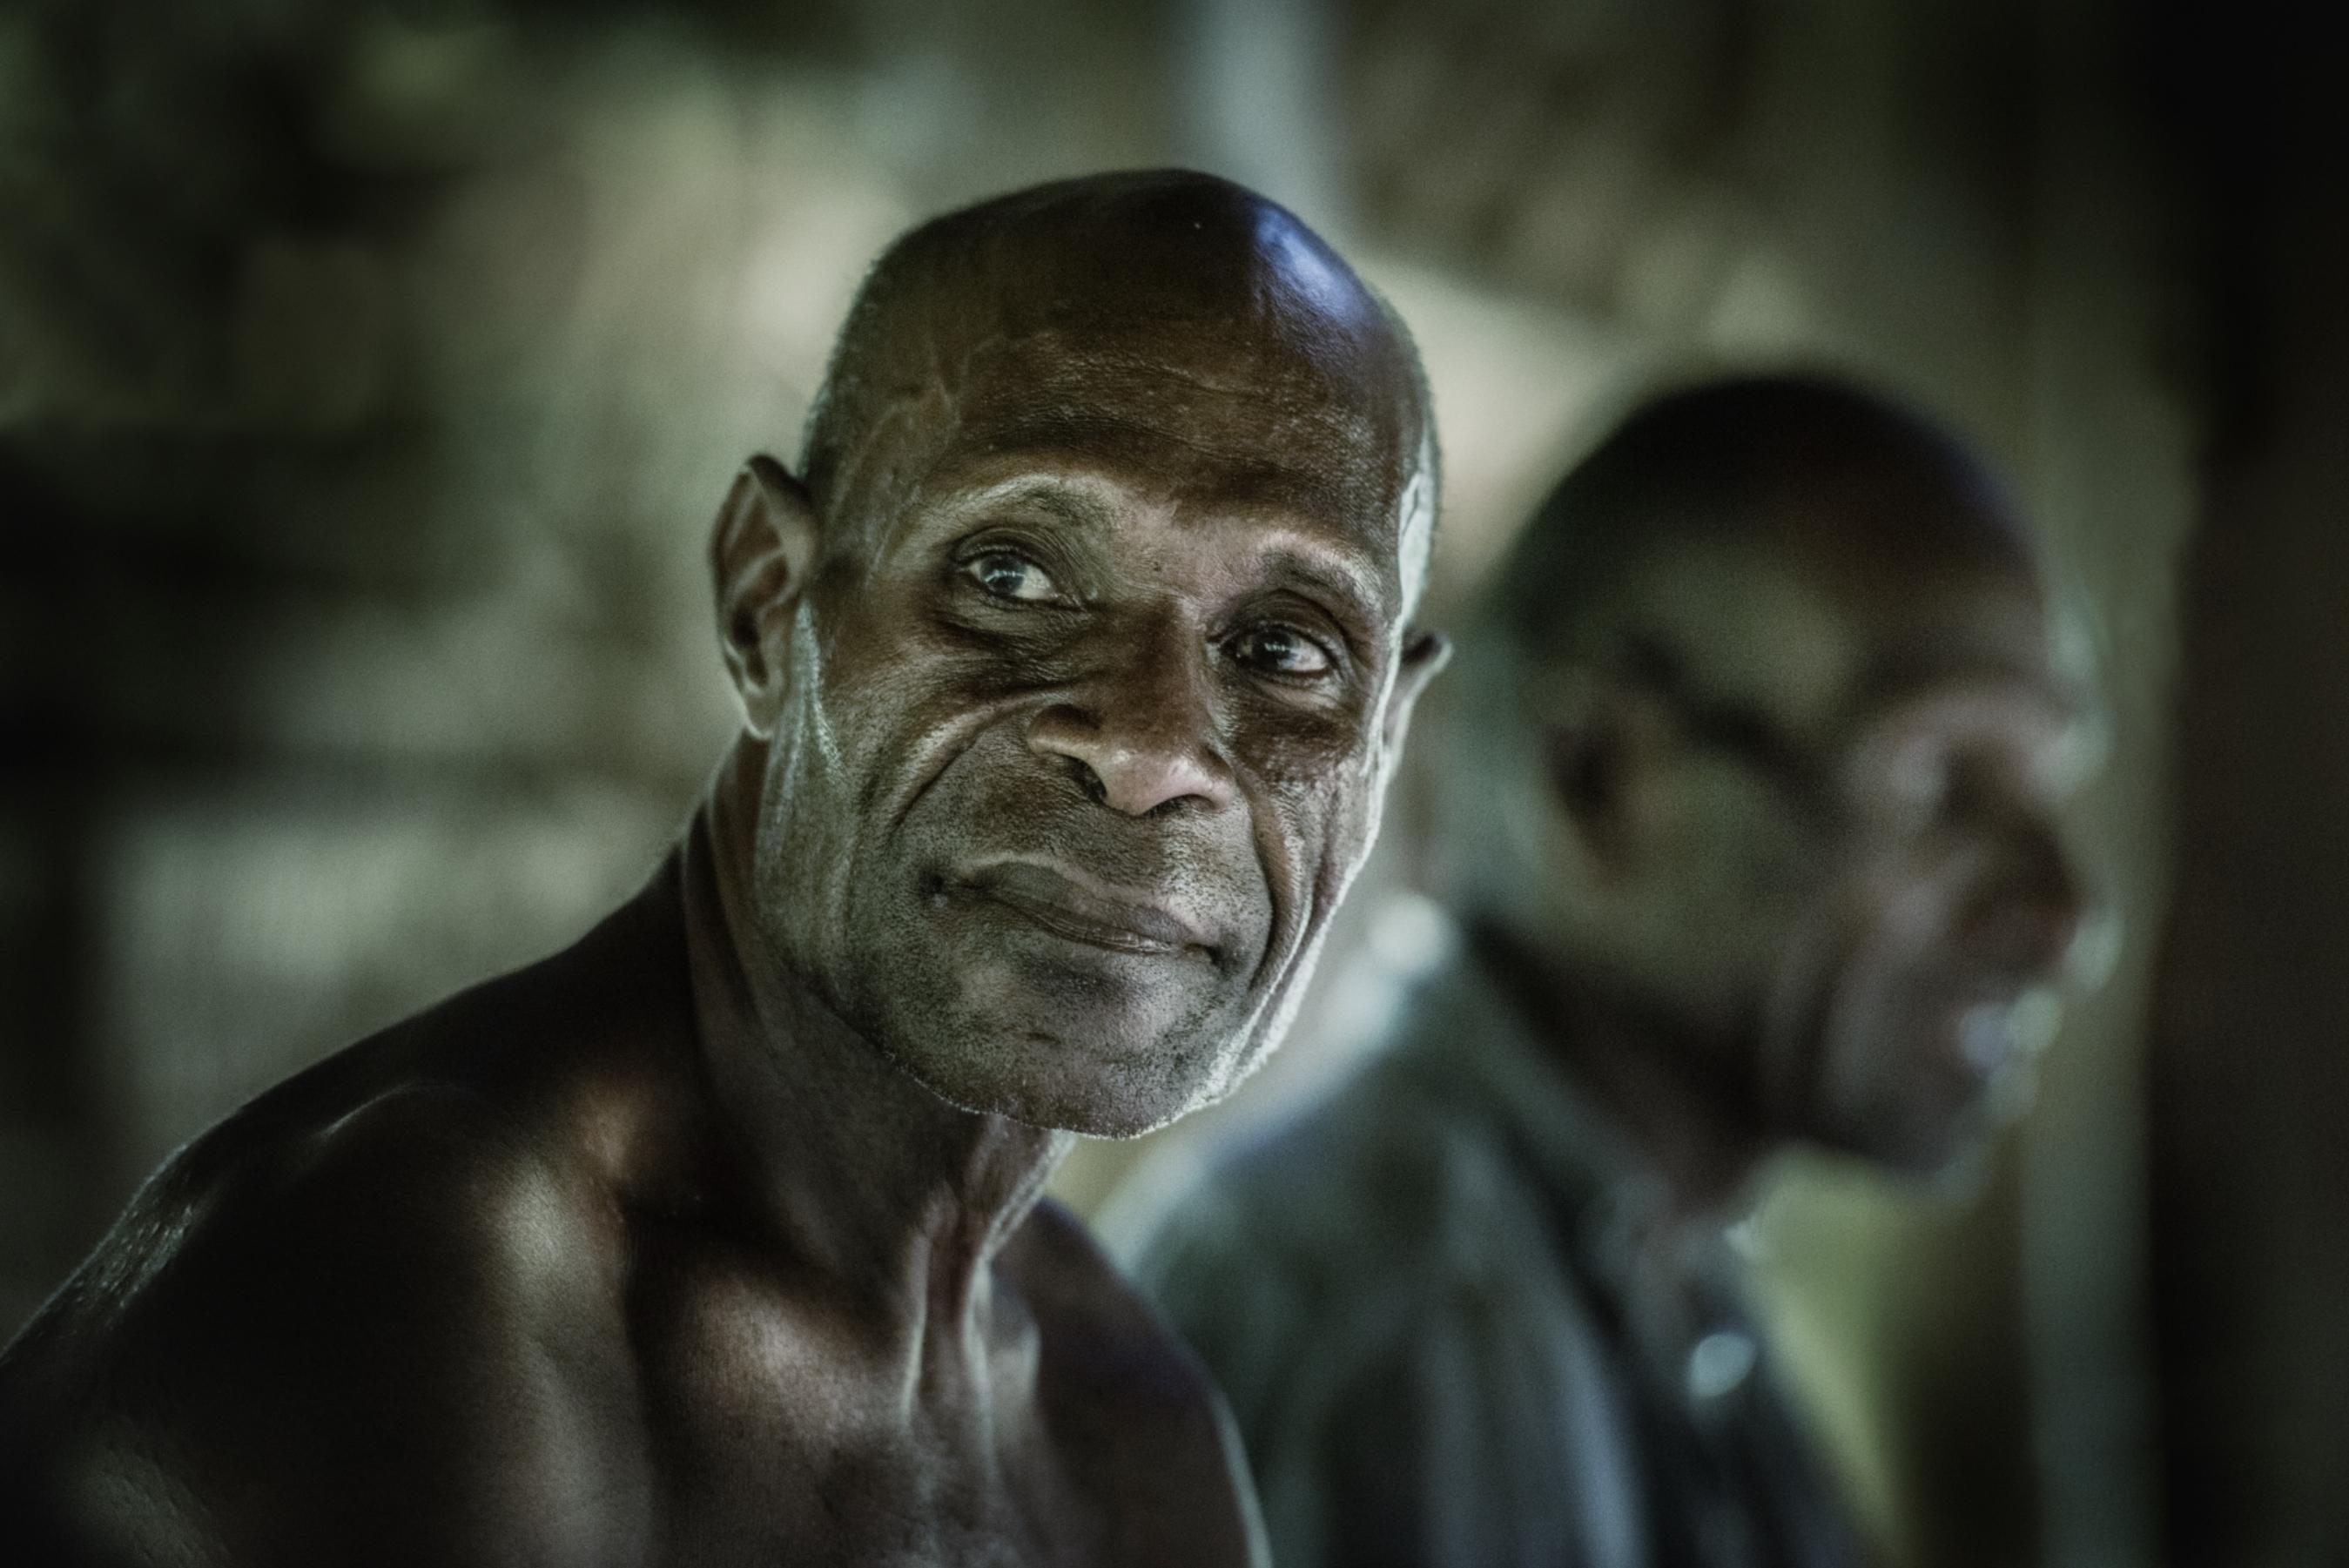 Animist of Papua New Guinea